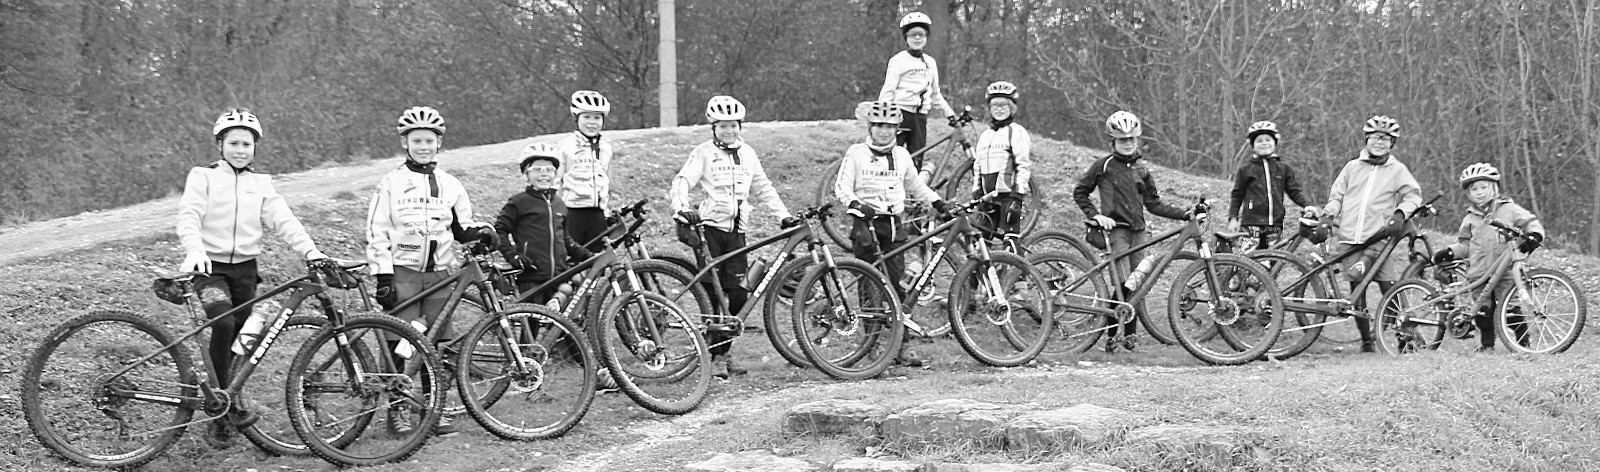 fahrrad jugend 26